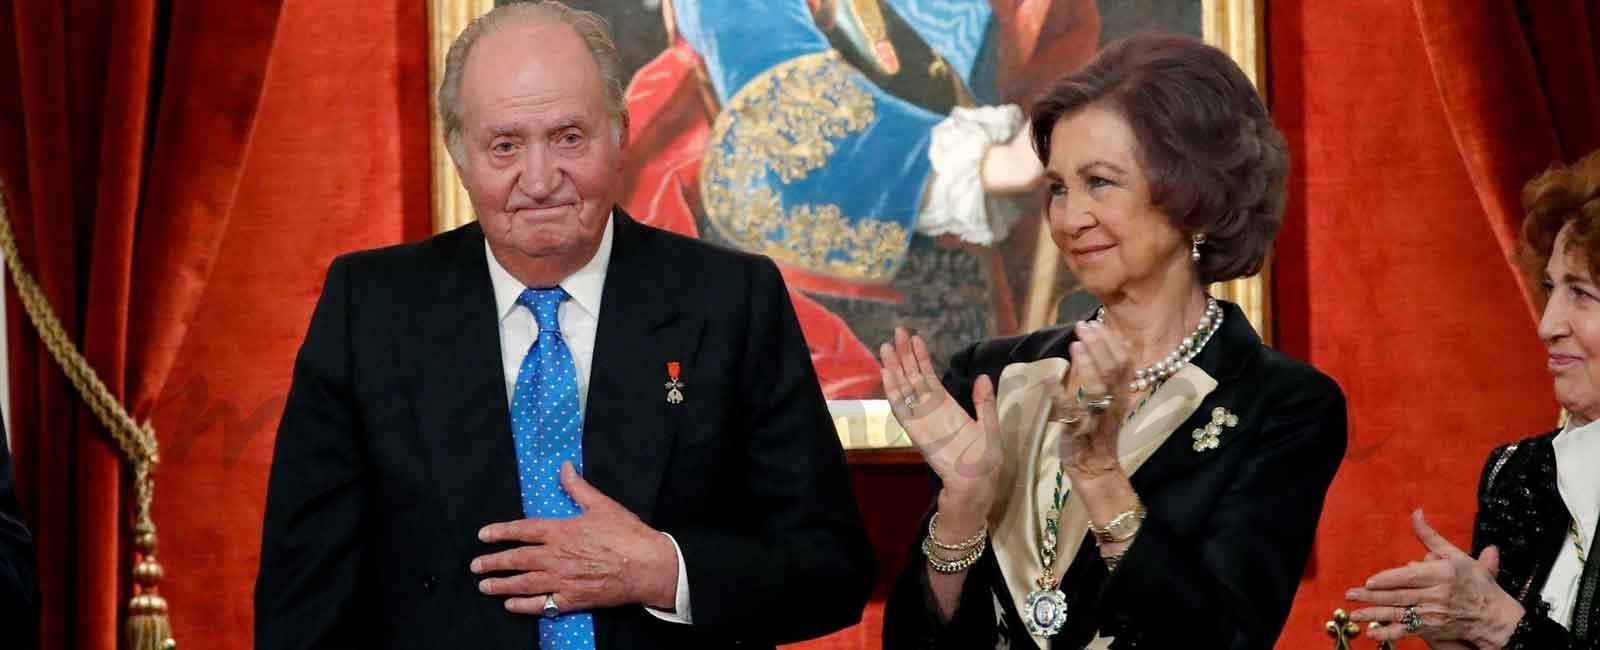 El rey don Juan Carlos, homenajeado por la Real Academia de la Historia